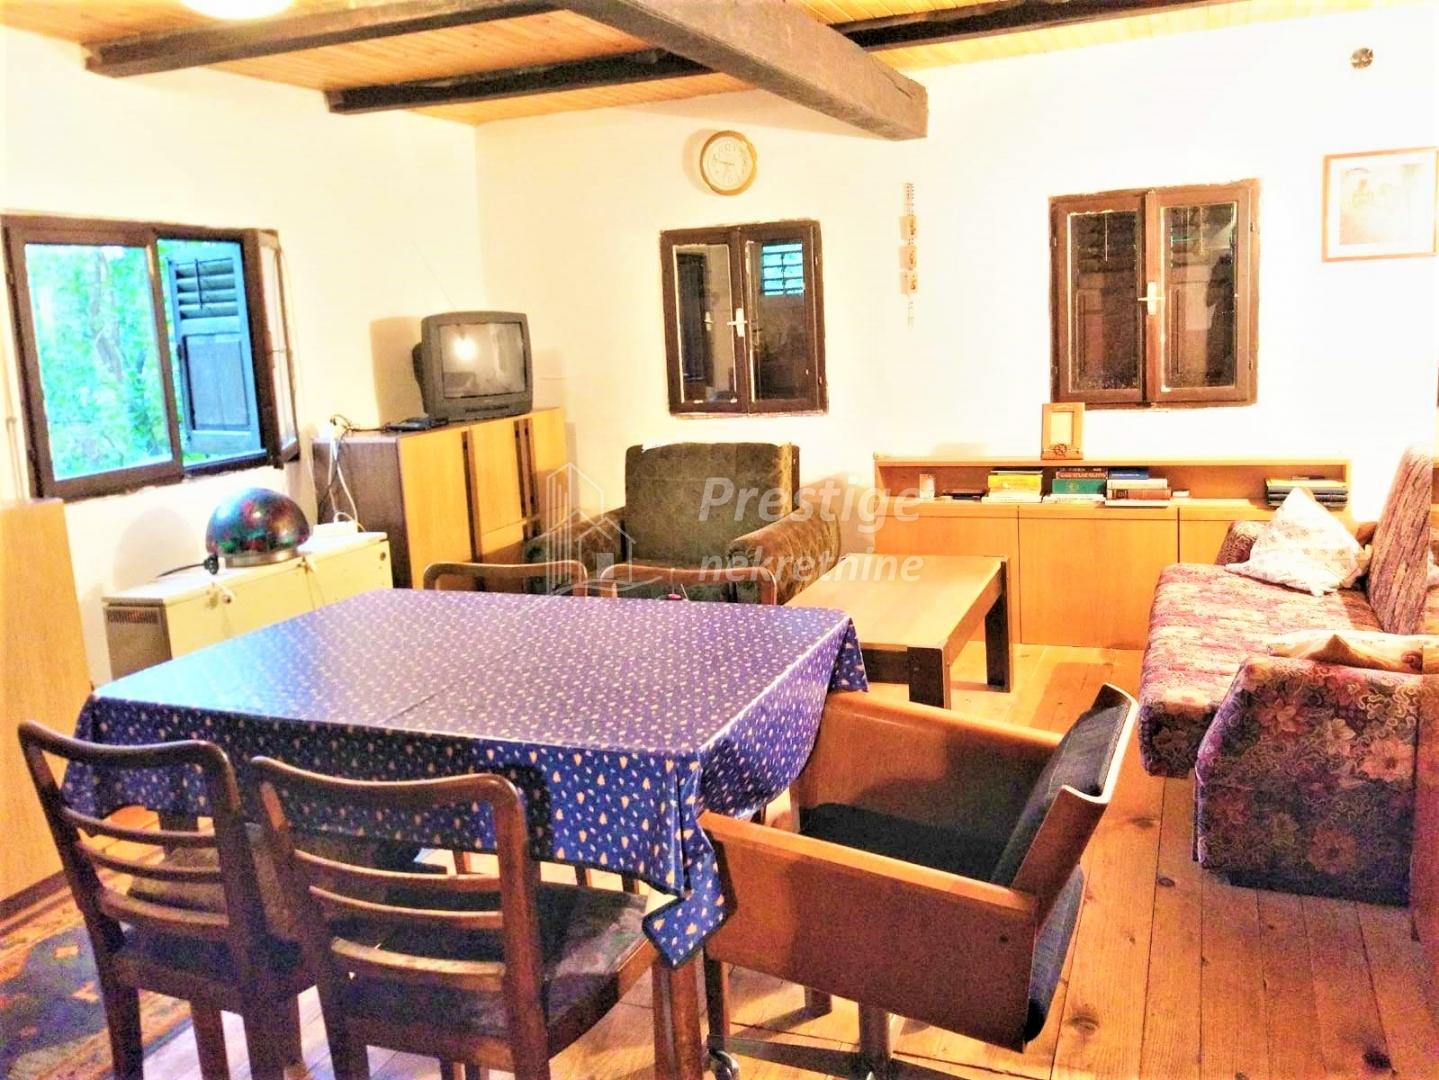 Velika Gorica, vikendica 50 m2 sa velikom okućnicom